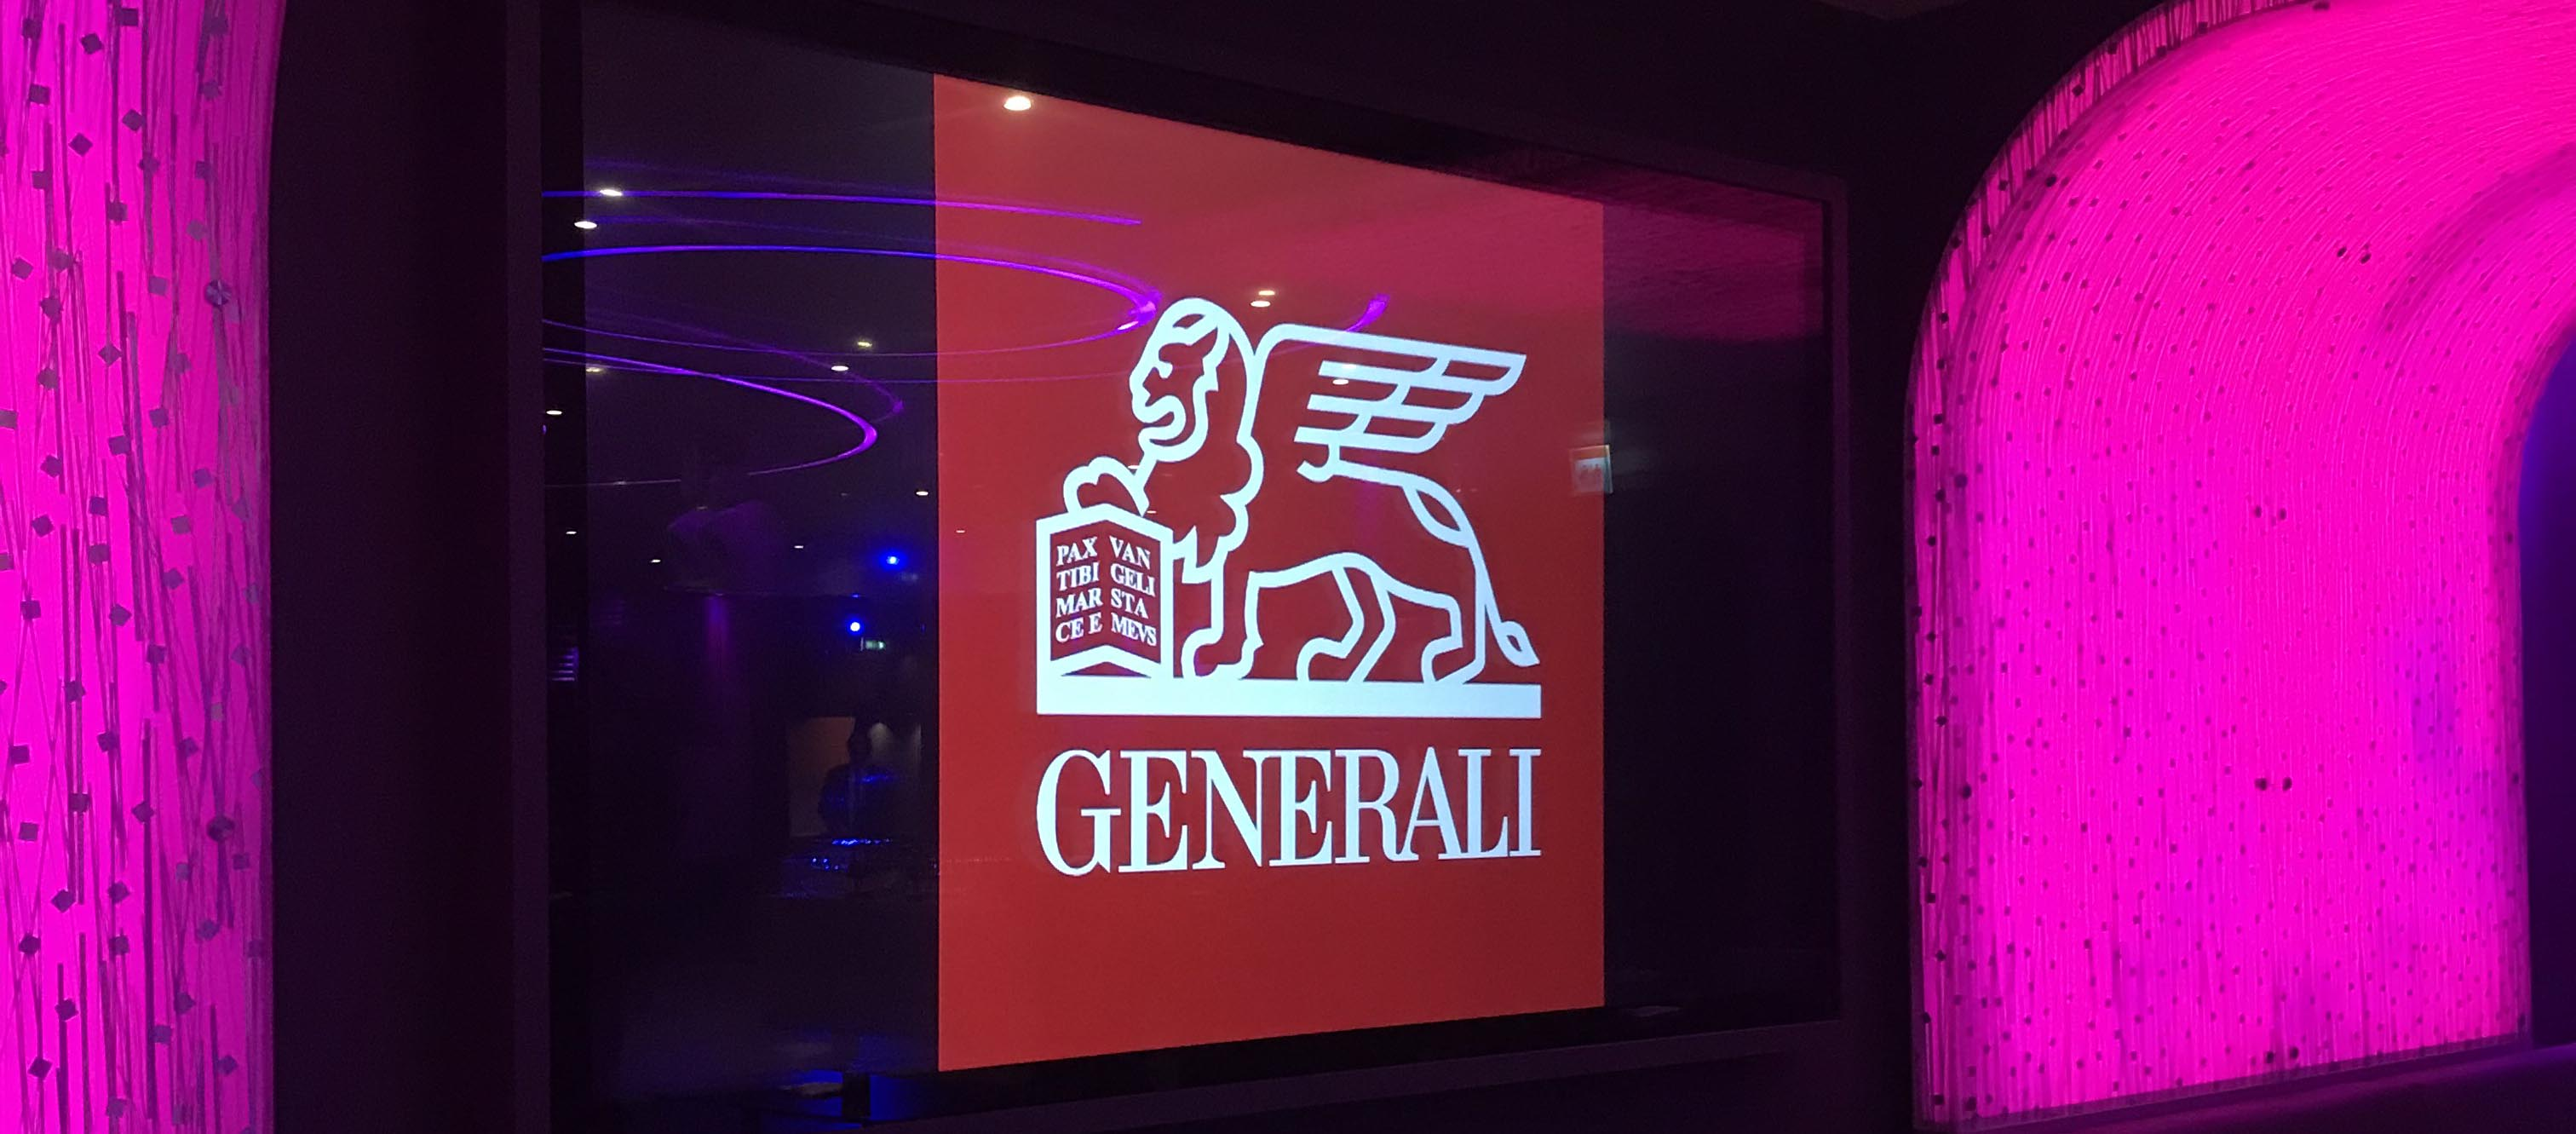 generali duplex